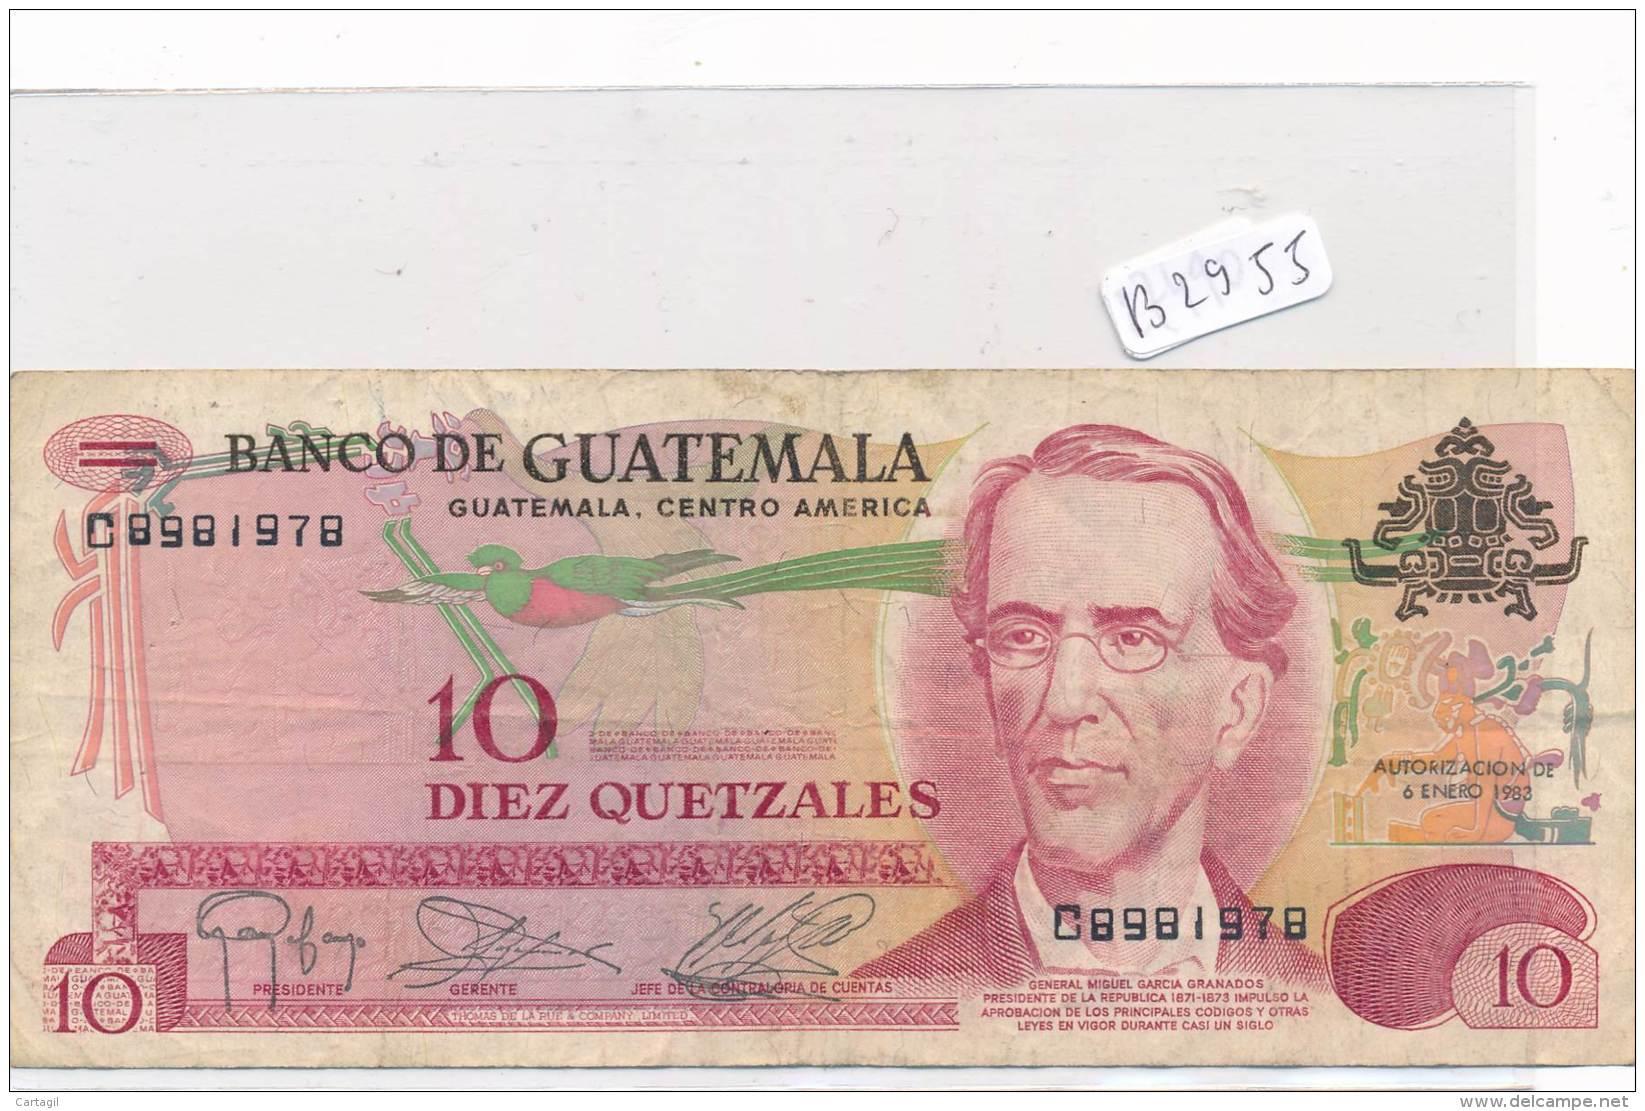 Billets -B2955 - Guatémala -10 Quetzales 1983 (type, Nature, Valeur, état... Voir  Double Scans) - Guatemala